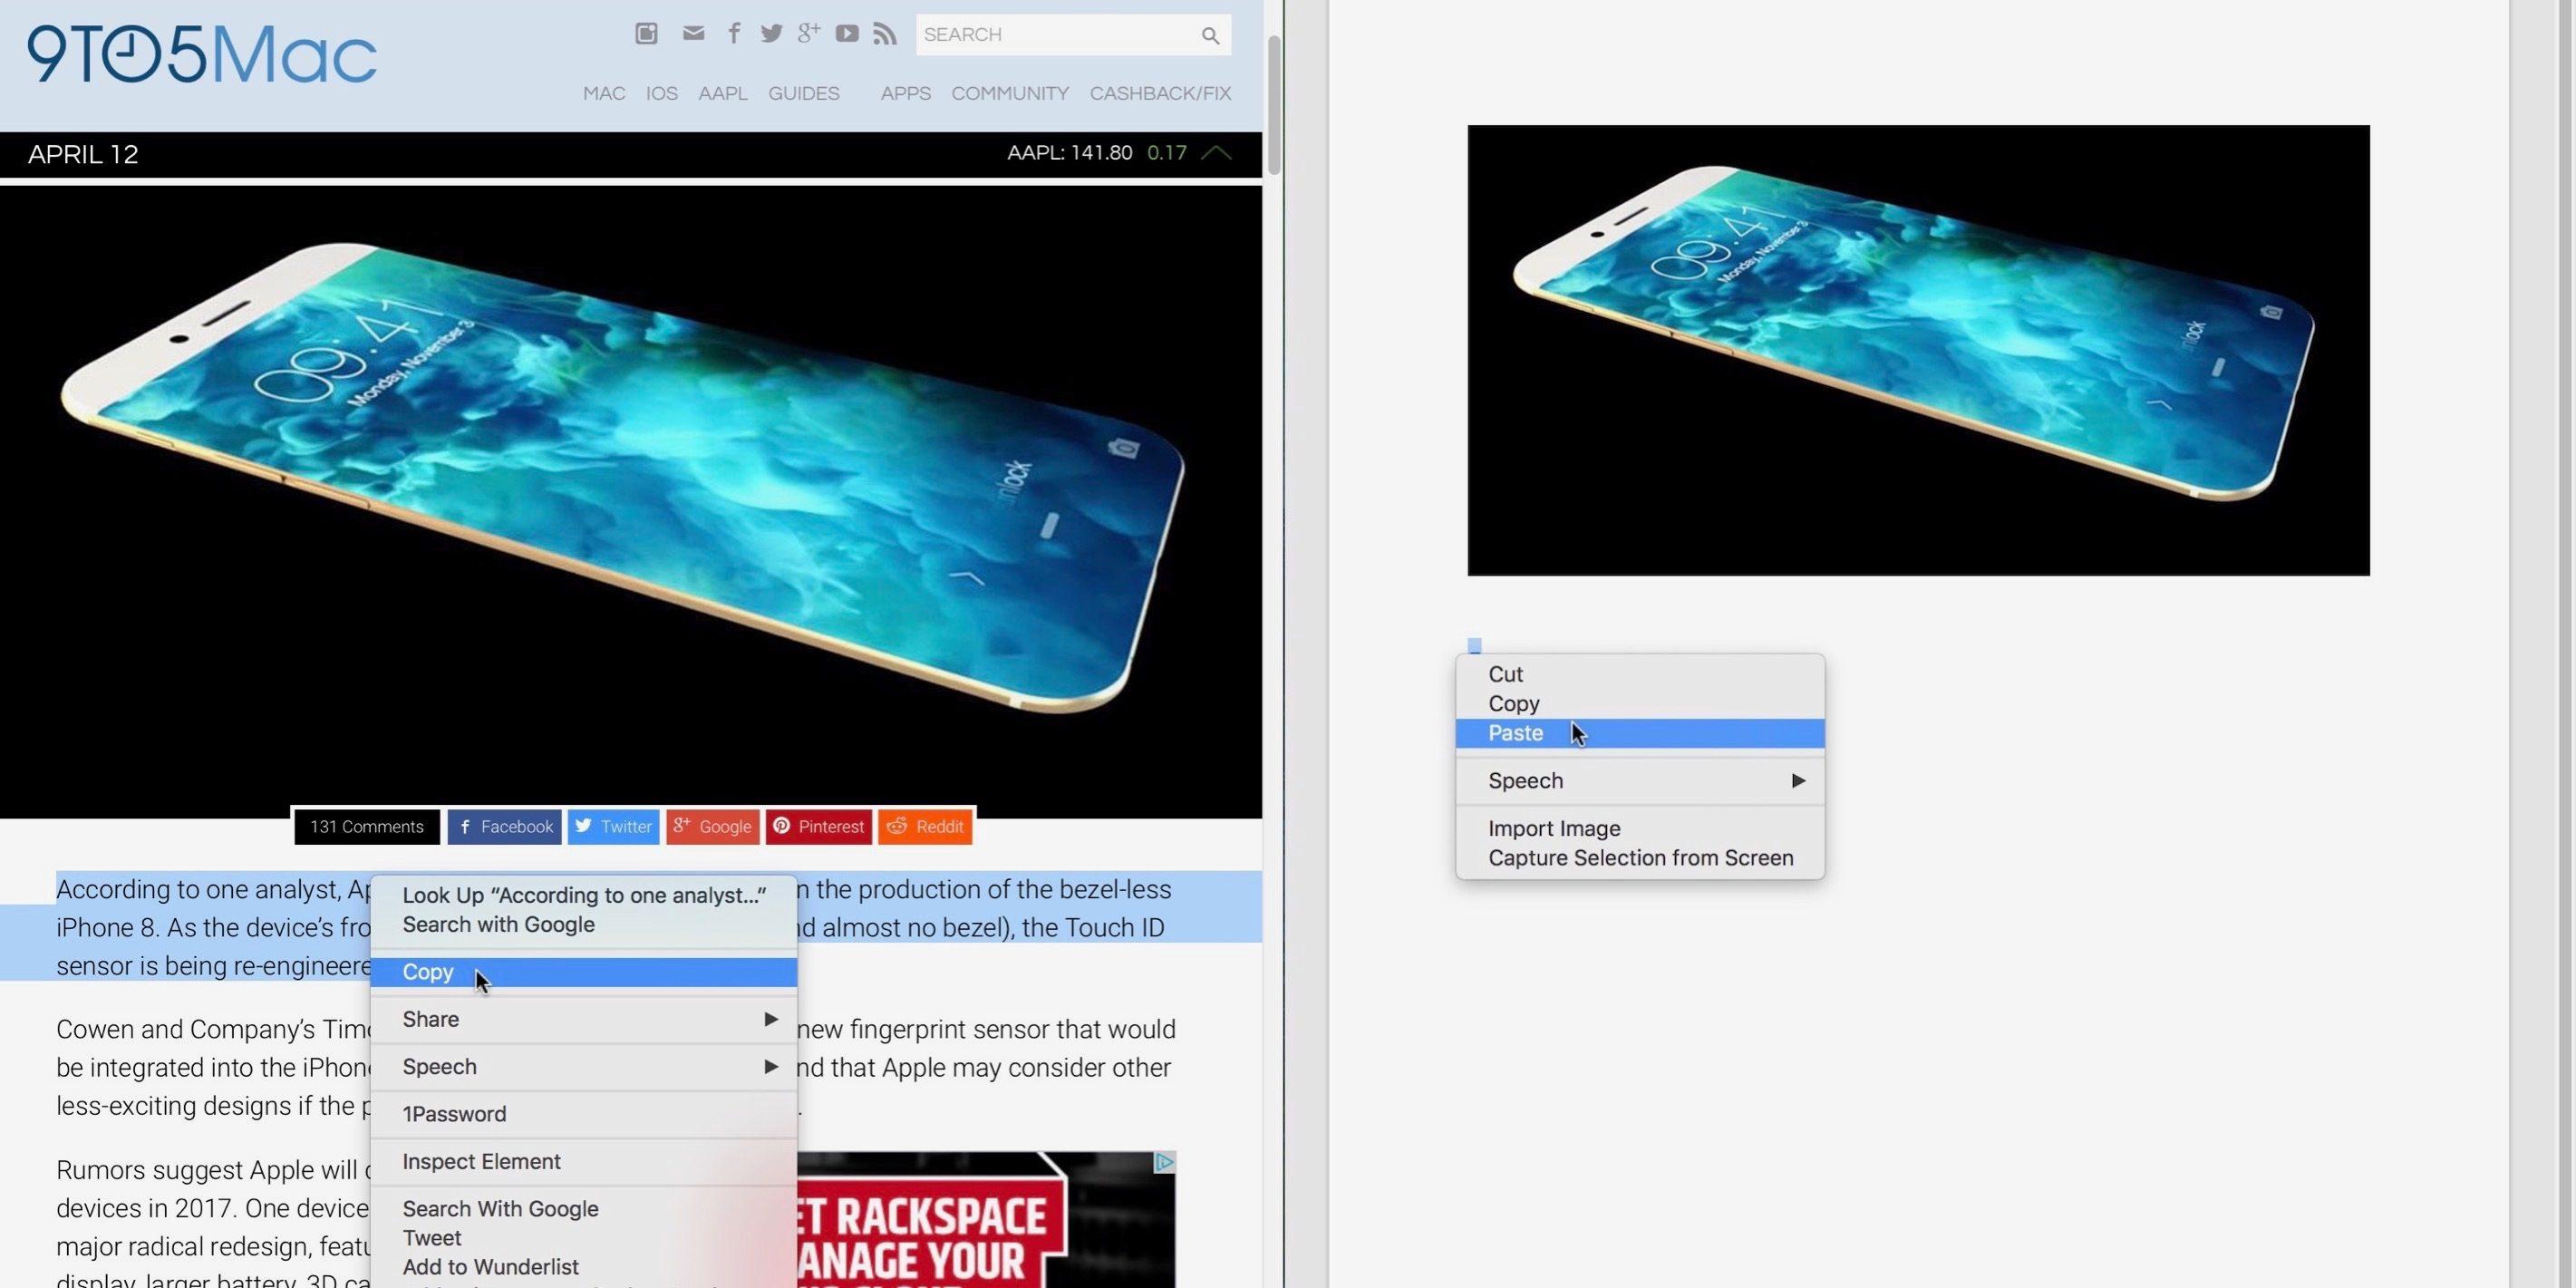 """<span href=""""https://9to5mac.com/2017/04/13/how-to-copy-paste-macbook/"""">Cómo copiar y pegar en un MacBook</a>"""